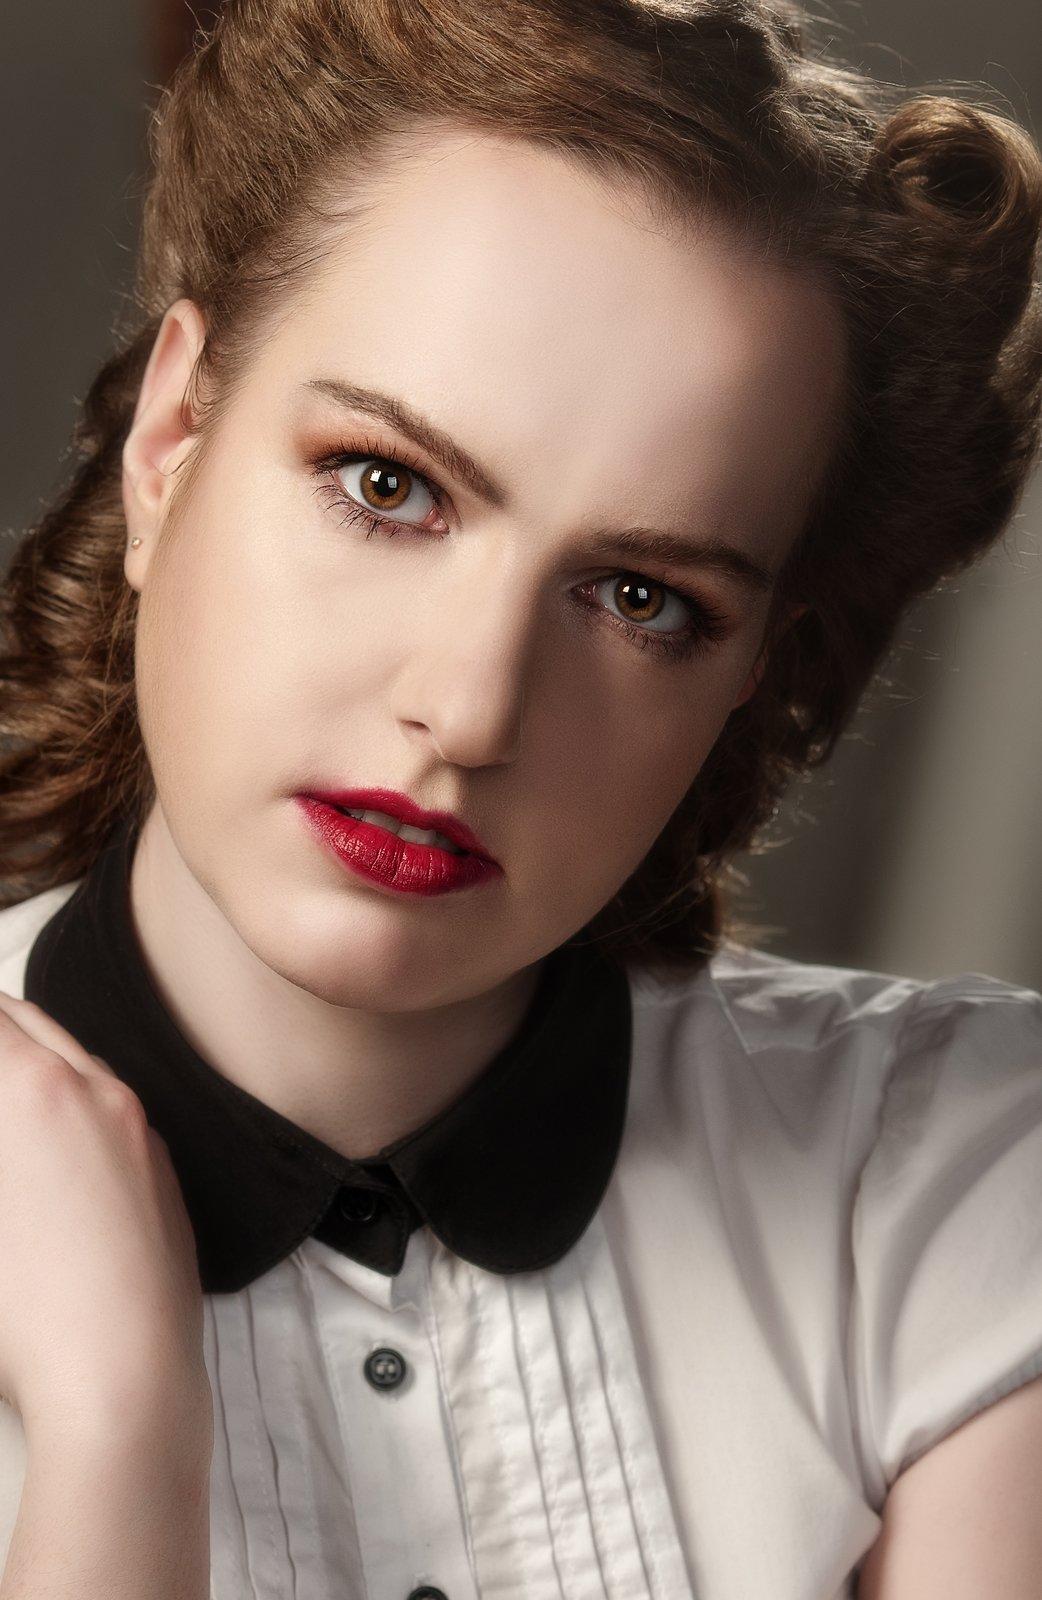 портрет взгляд, Александр Демин